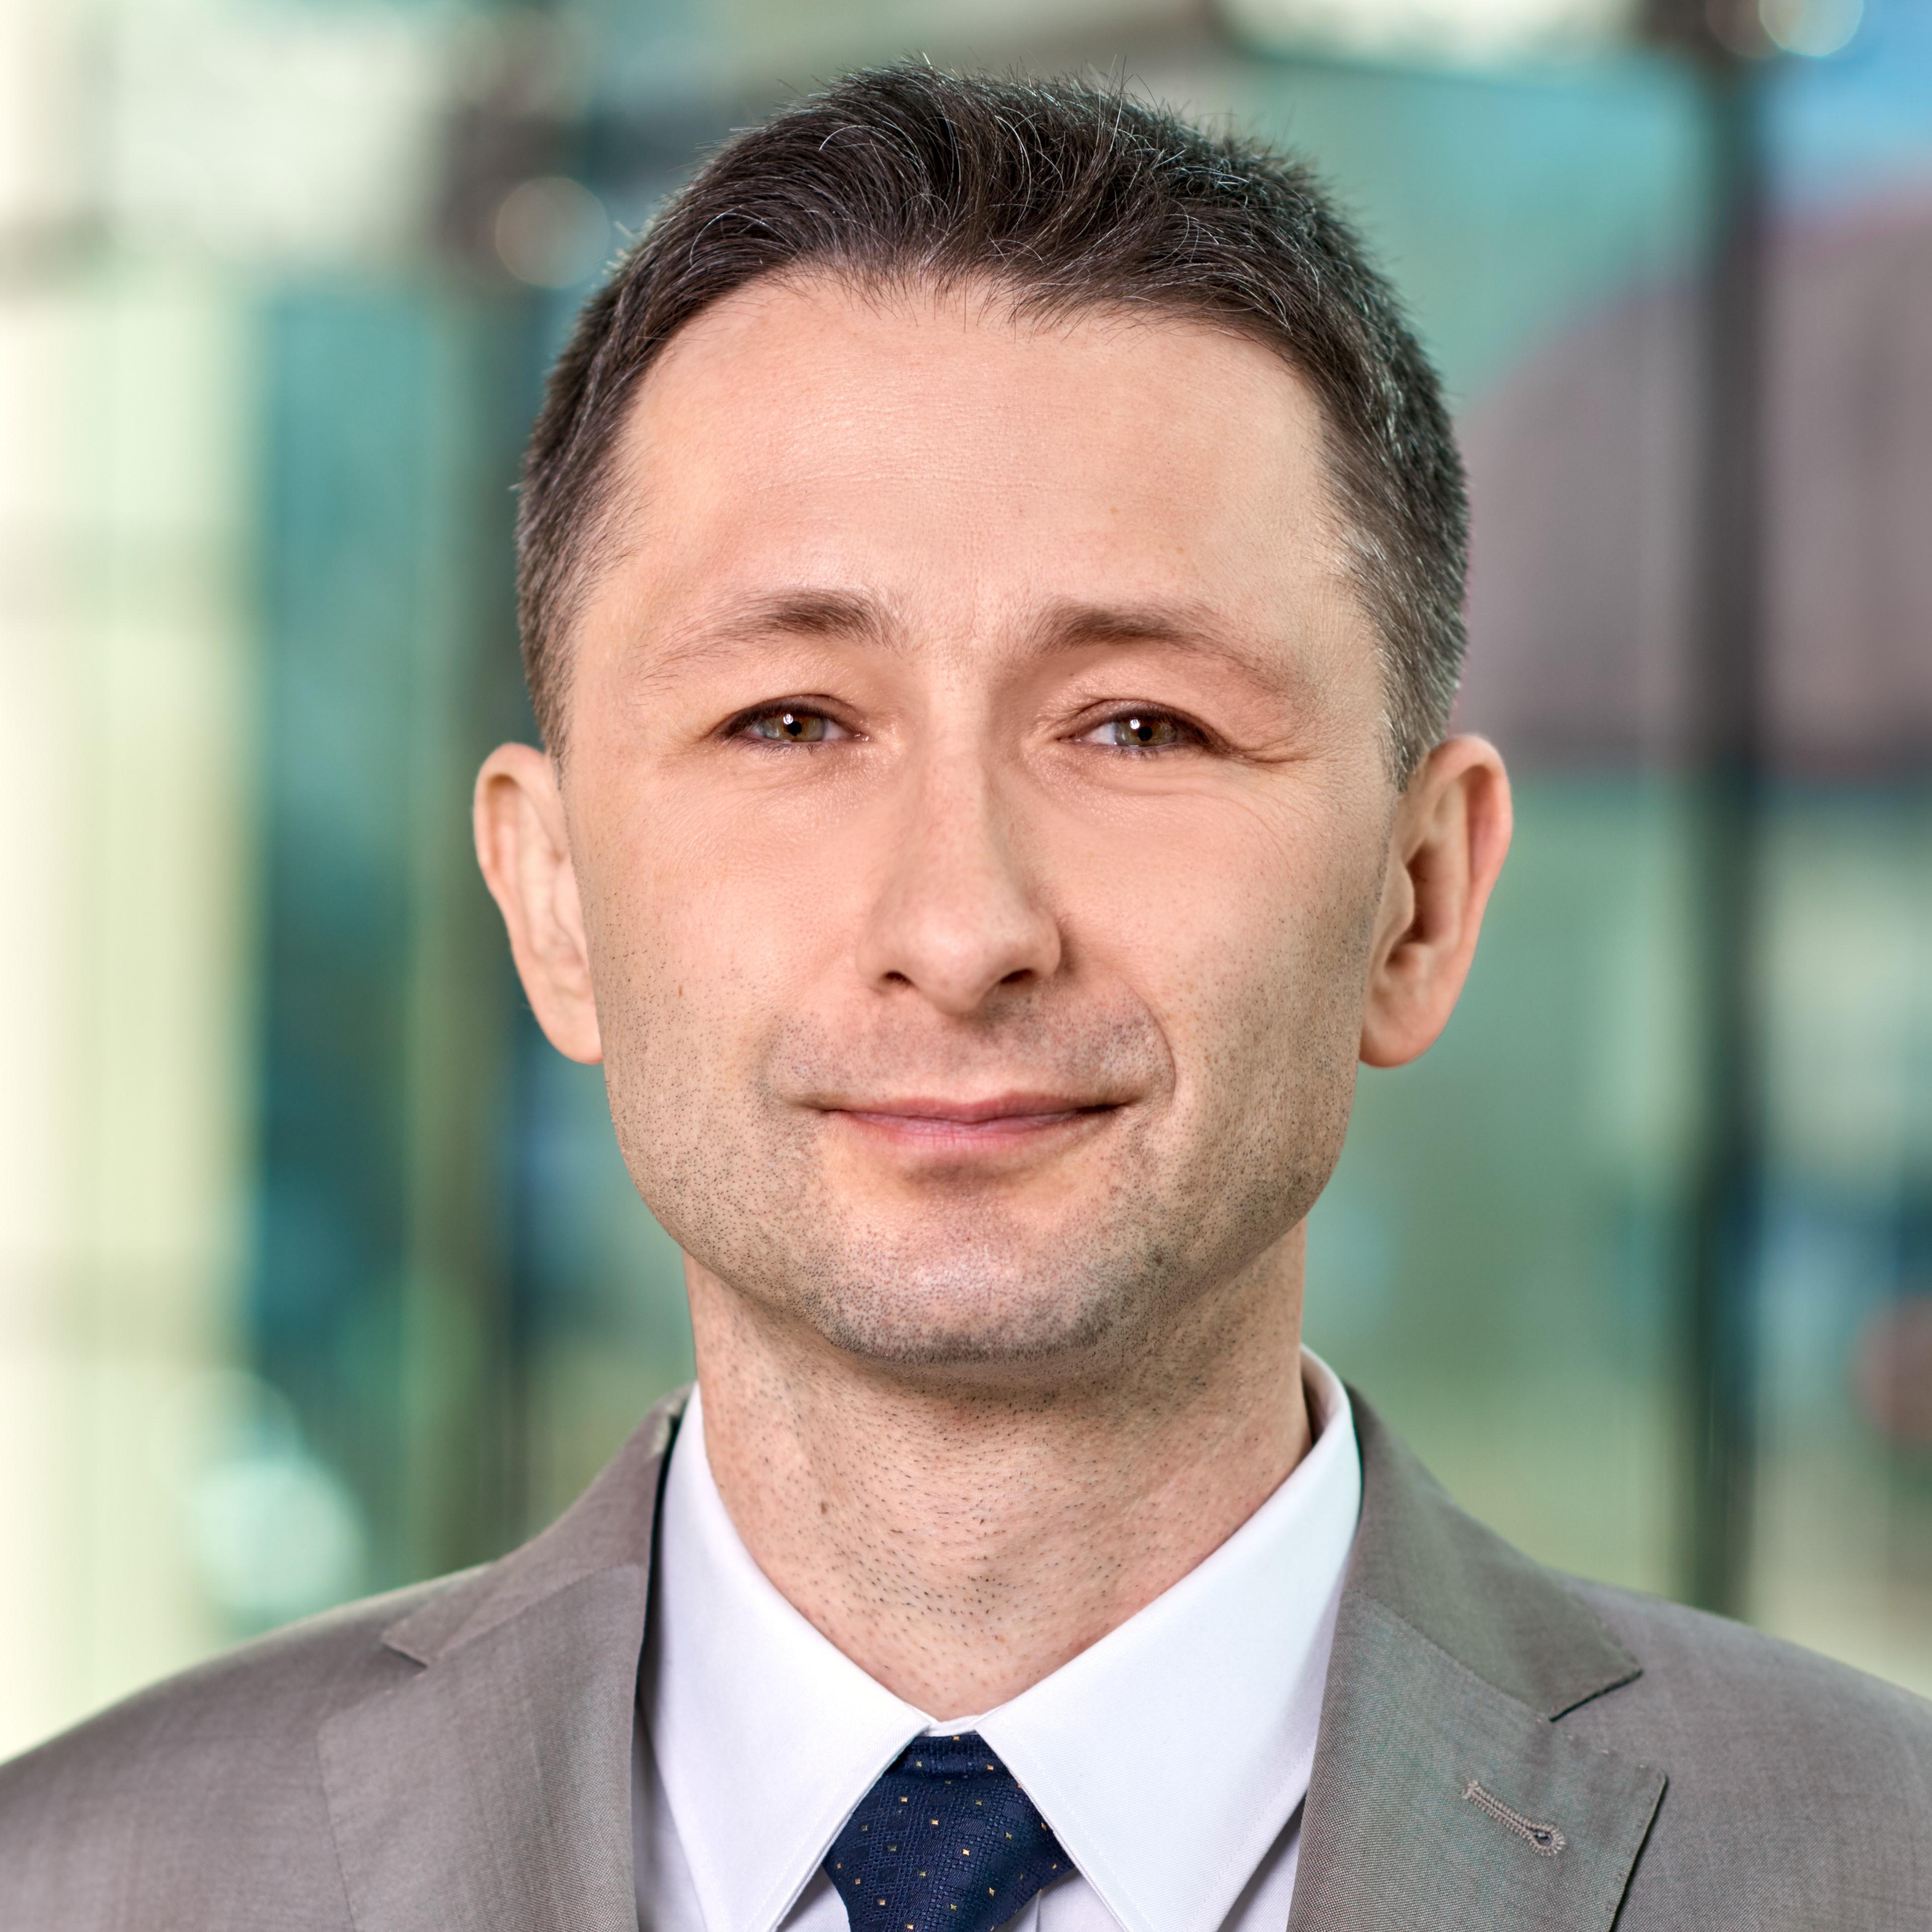 Andrzej Błędowski